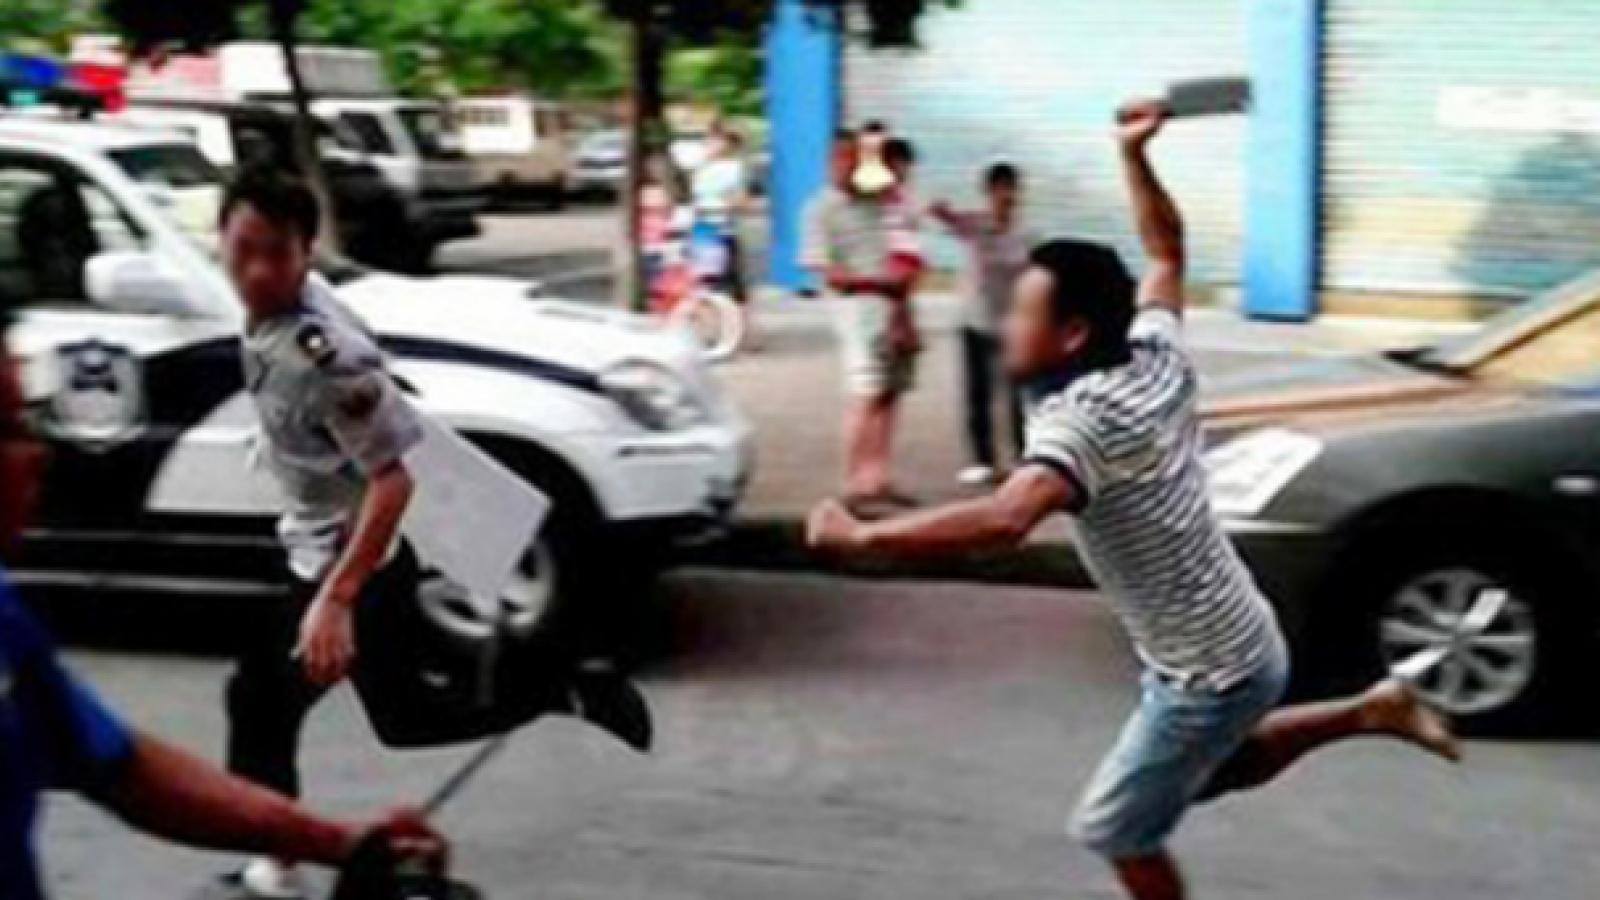 Chém vợ con và người trong khu phố rồi nhảy lầu tự tử